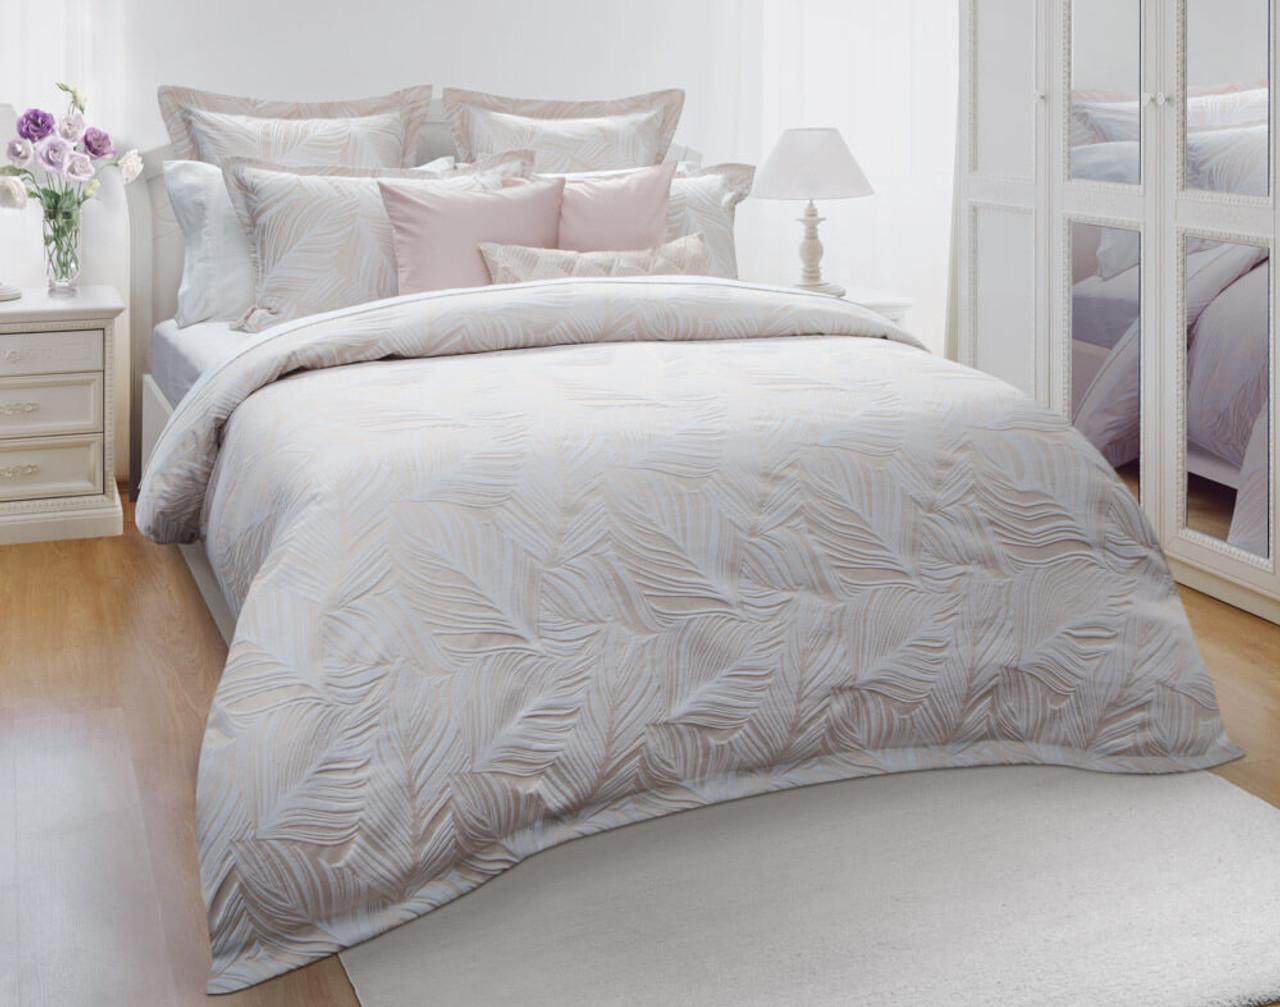 Manzanita Bedding Collection